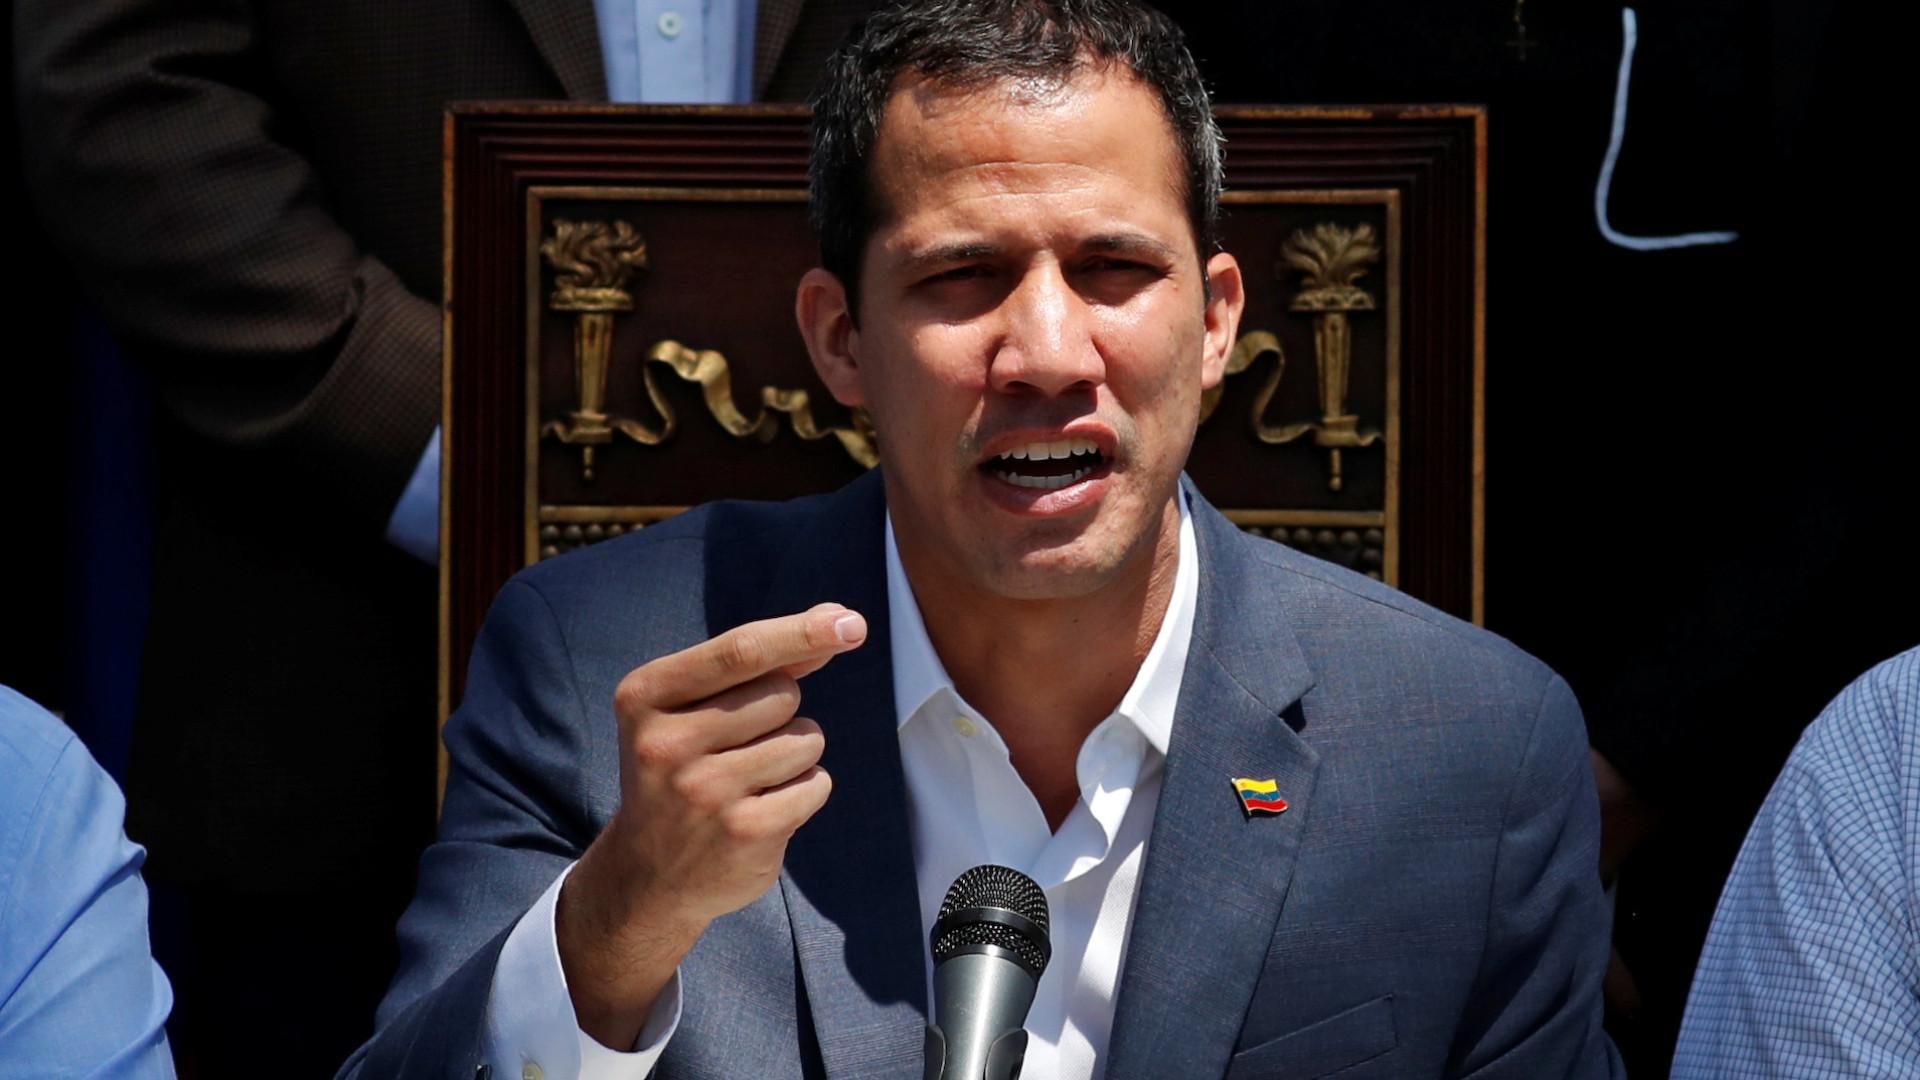 Embaixada da Venezuela é invadida em Brasília por apoiadores de Guaidó